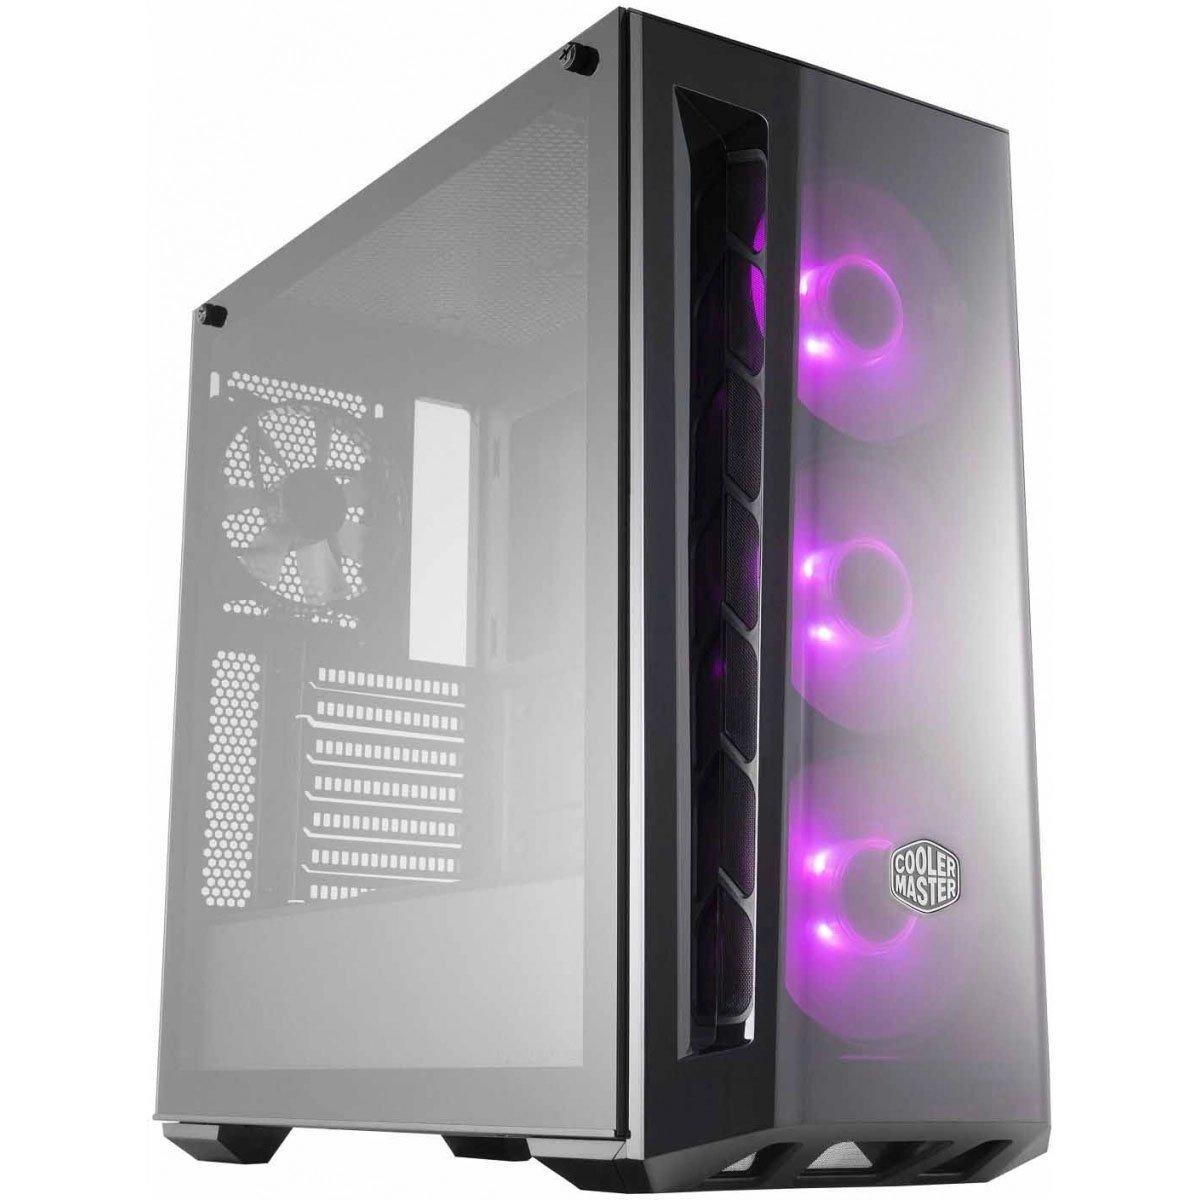 gabinete gamer cooler master masterbox mb520 argb 50946 2000 202809